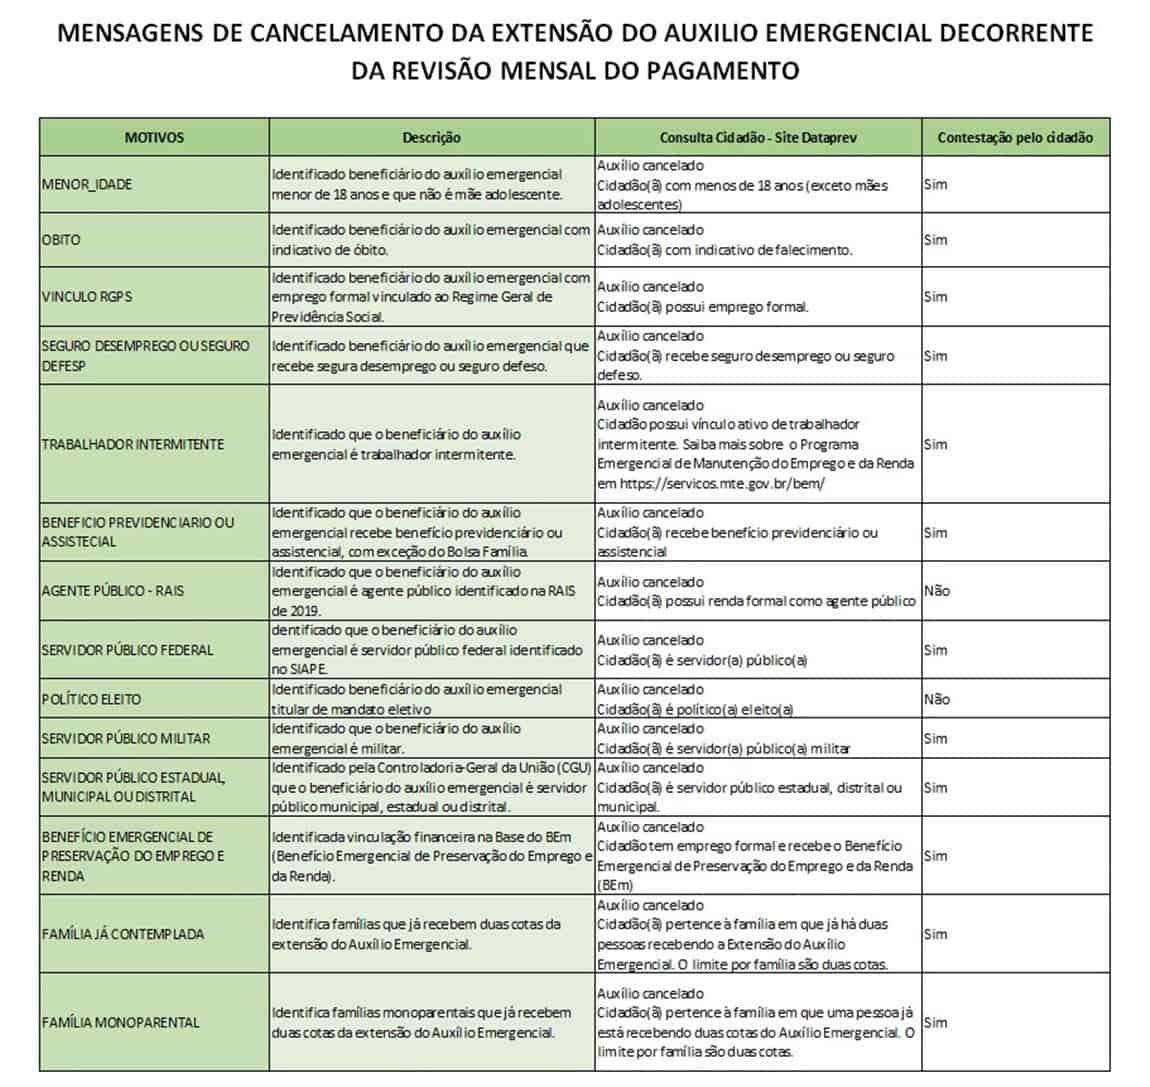 Mensagens do cancelamento do auxílio emergencial